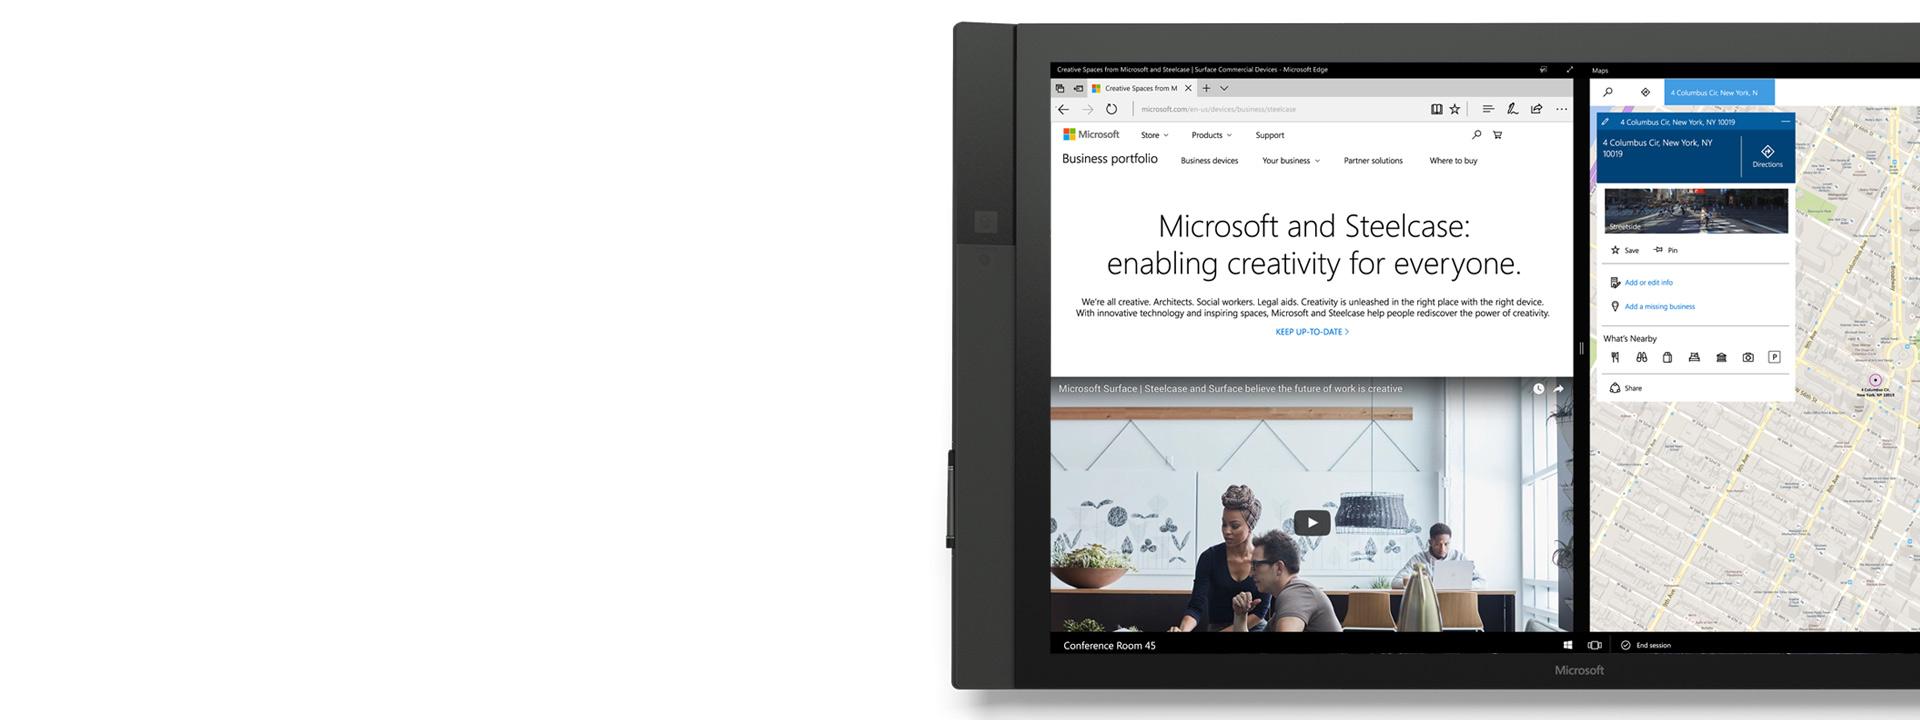 Microsoft Edge visas på Surface Hub.